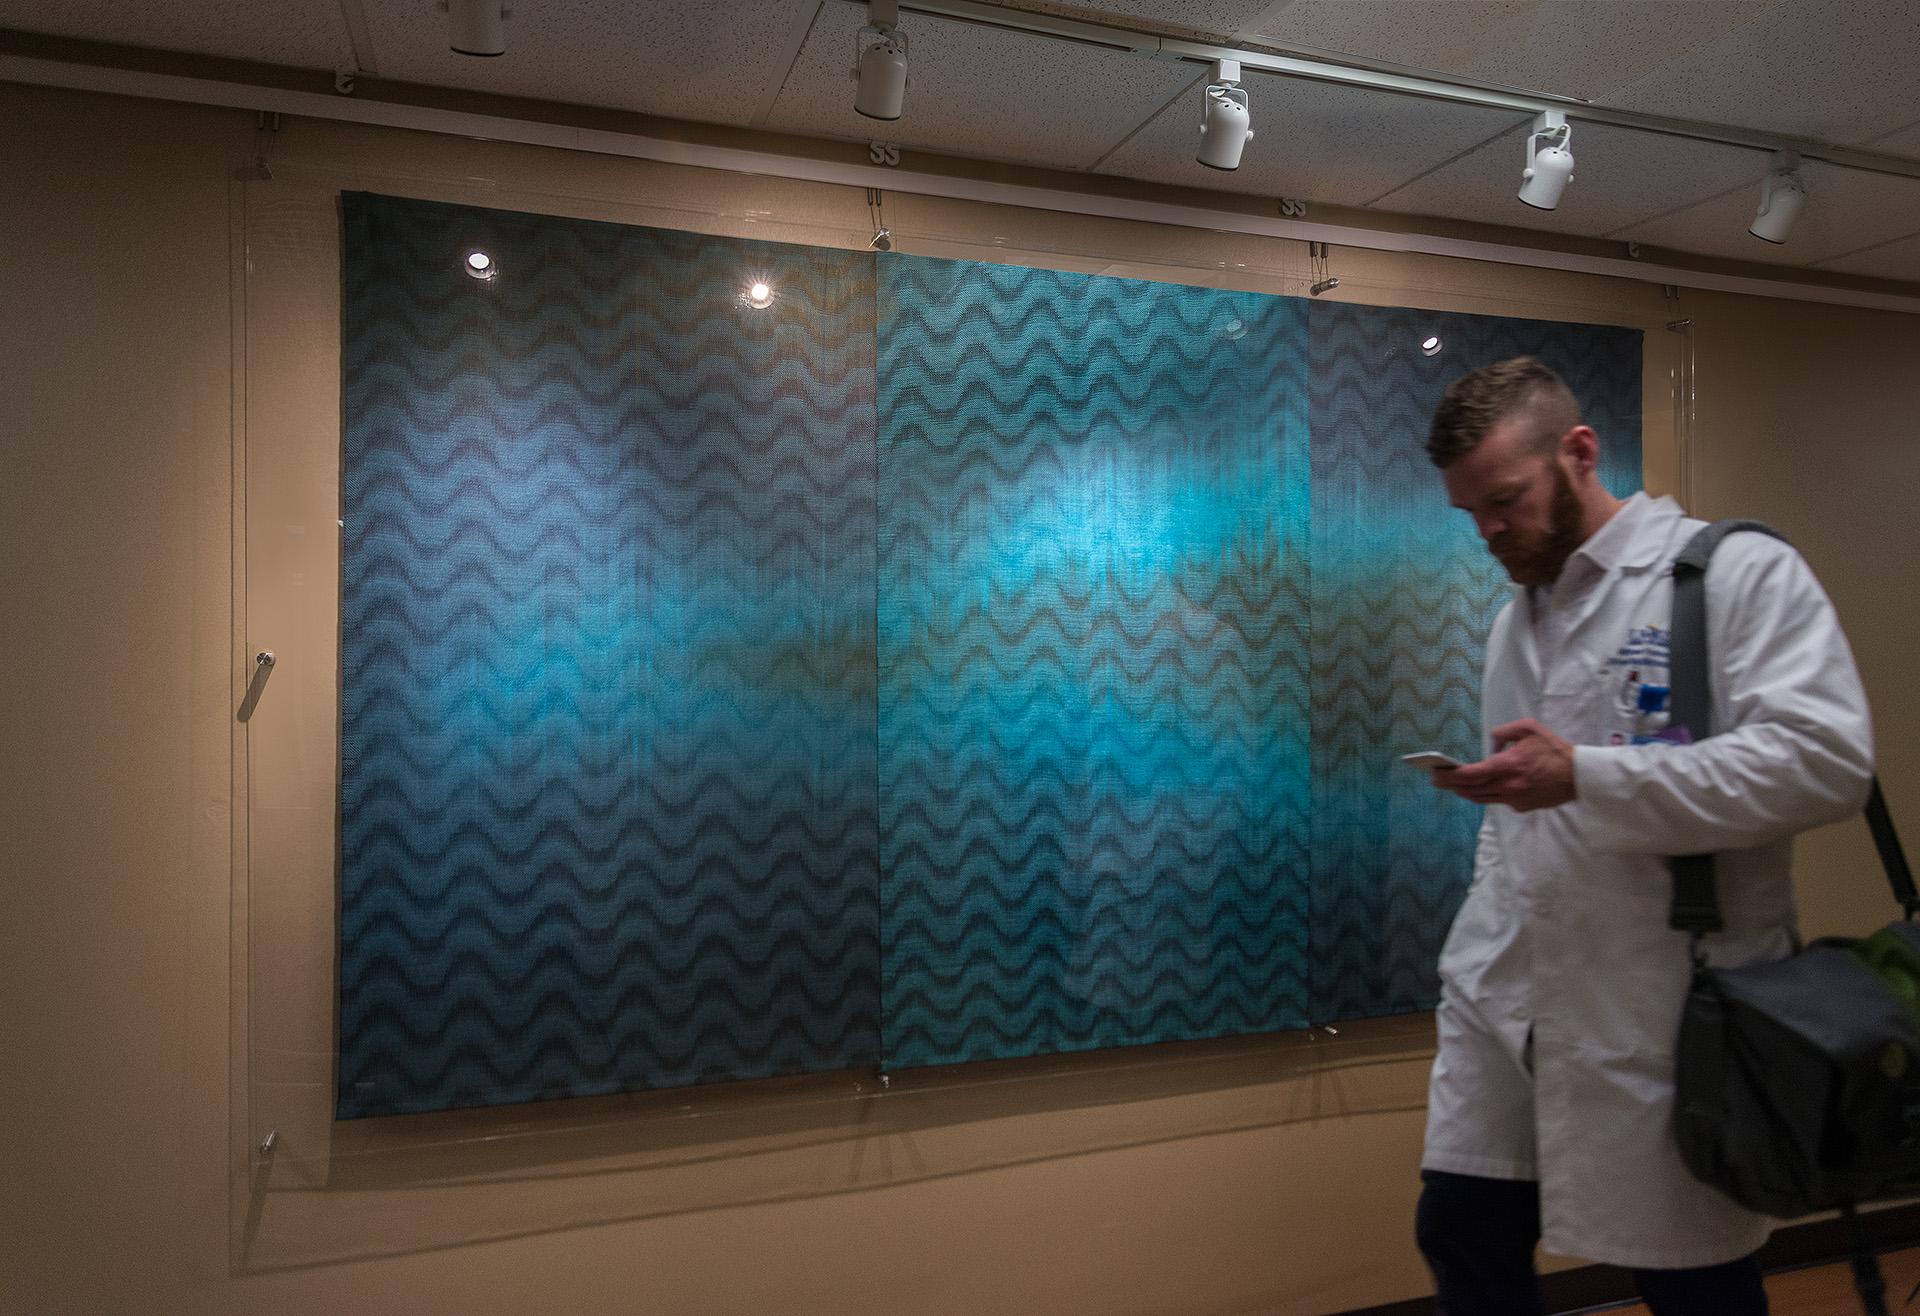 Aqua Interruptions  Truman Medical Center  Photo credit: Eg Schempf